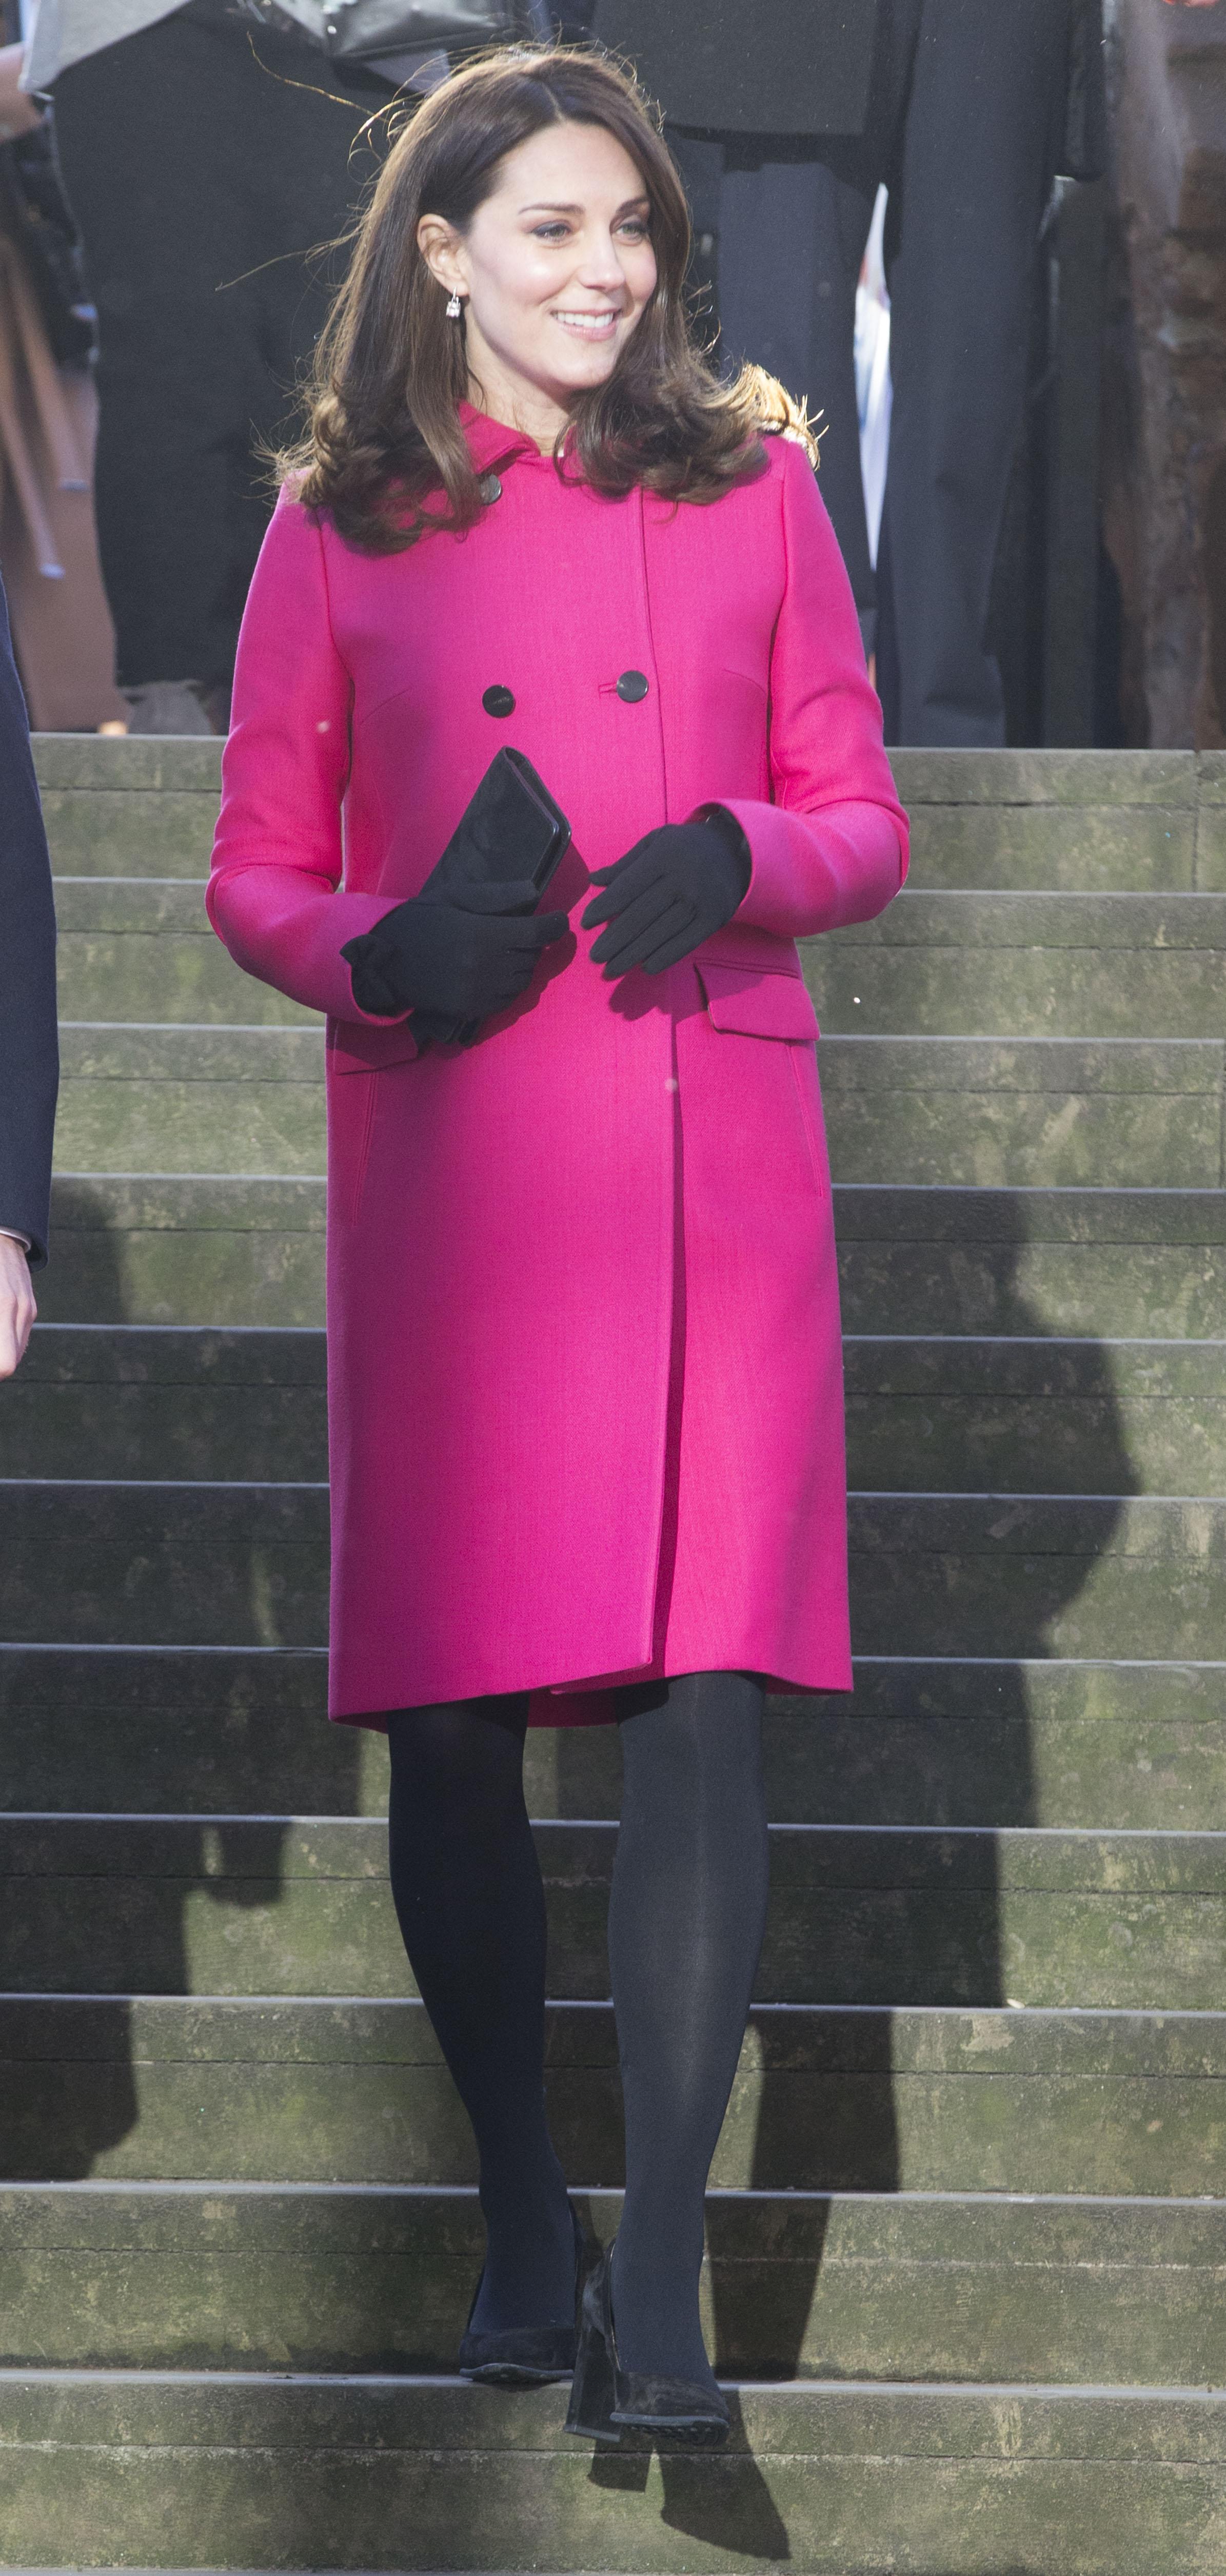 Наблюдателни модни специалисти забелязаха, че двете херцогини имат много различен стил, когато са бременни.